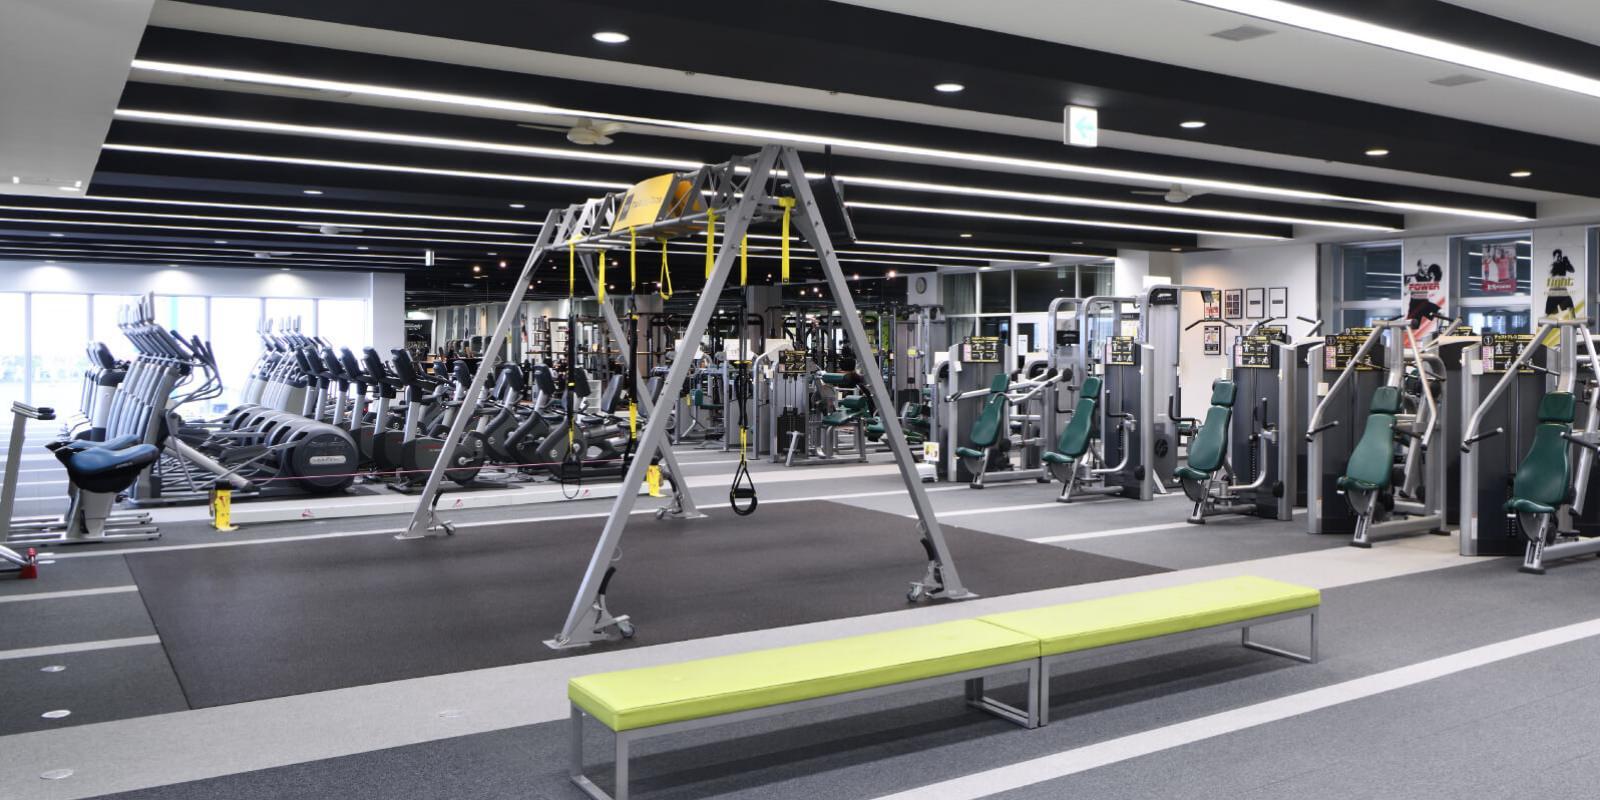 浜松市野店のトレーニングマシン